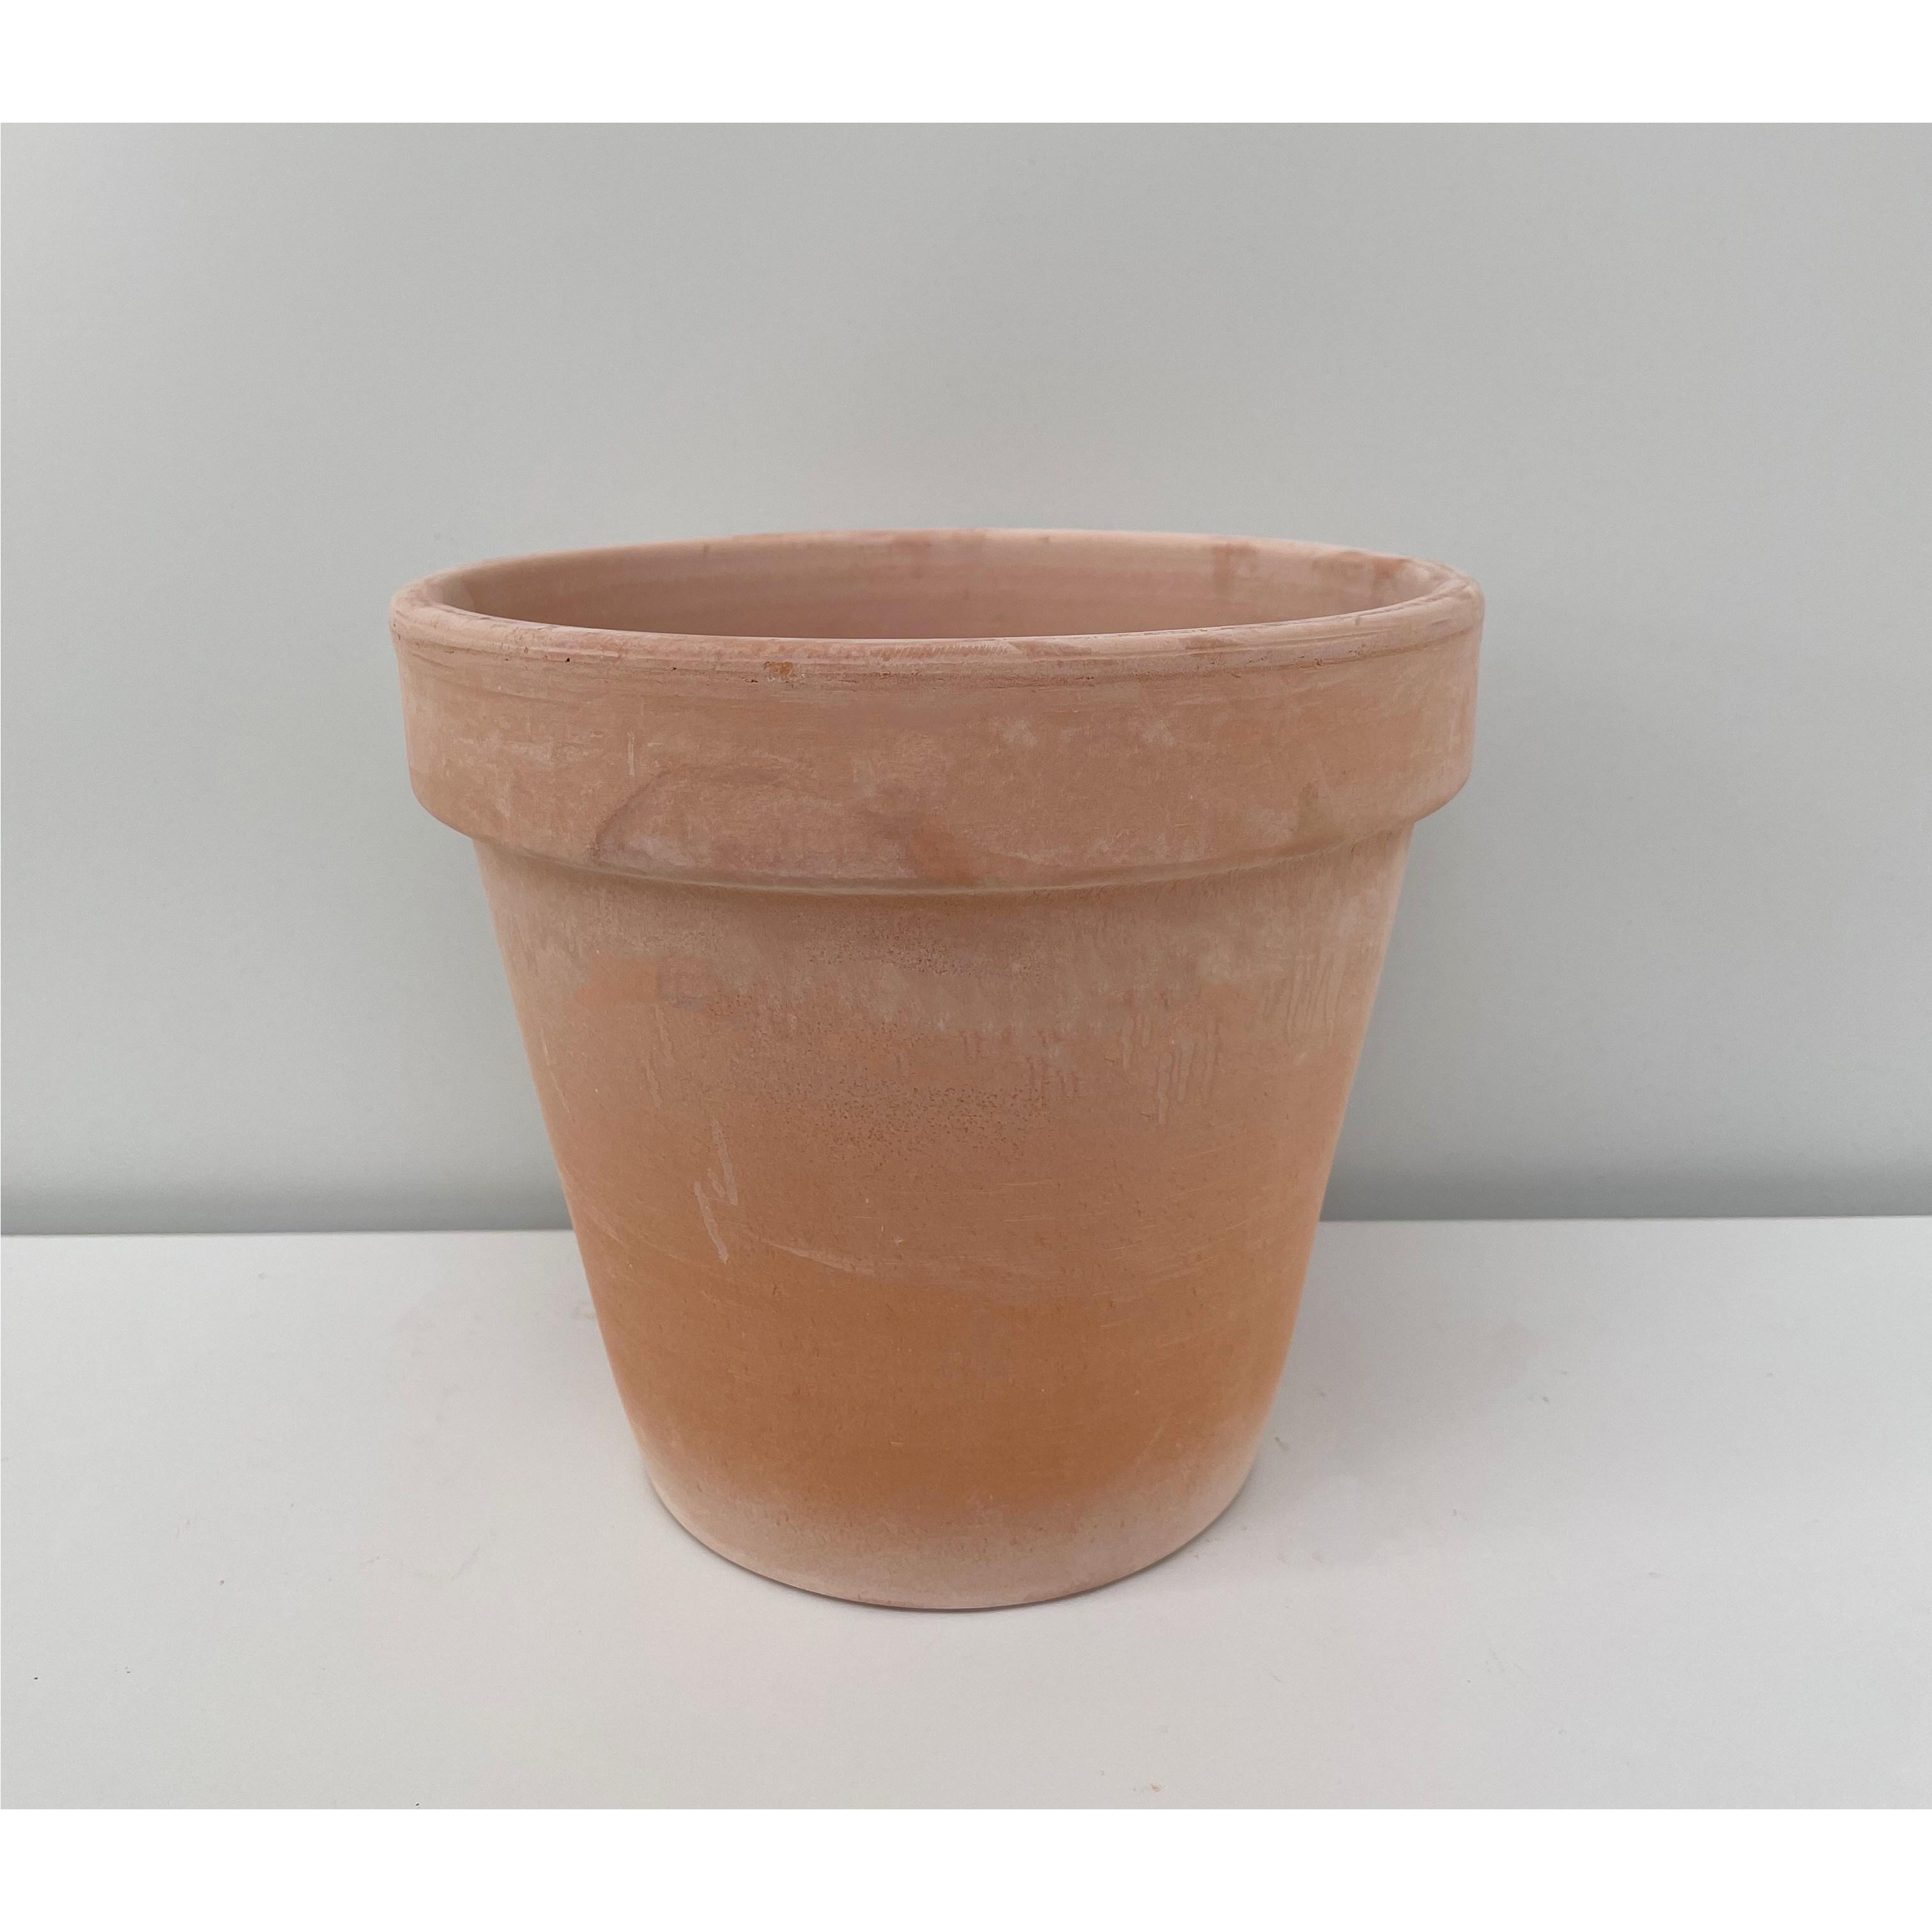 팡팡플랜트 이태리토분 토분받침 시리즈, 토분, 1.스탠다드(살구색) (POP 4618377721)